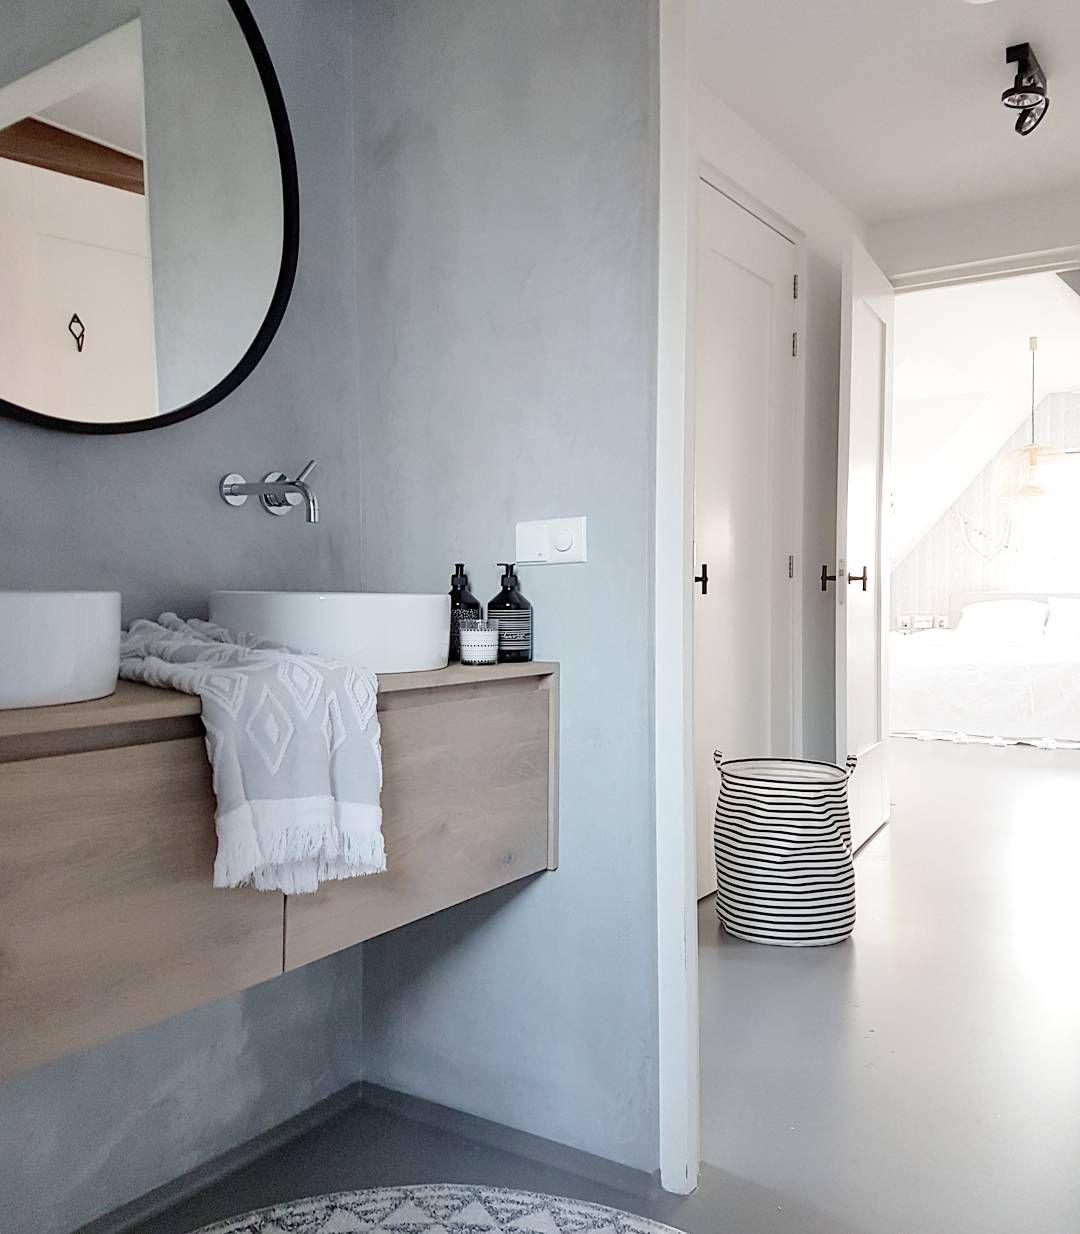 Badkamer binnenkijken bij marjoleinbouhuijzen in 2018 for Badezimmer design app